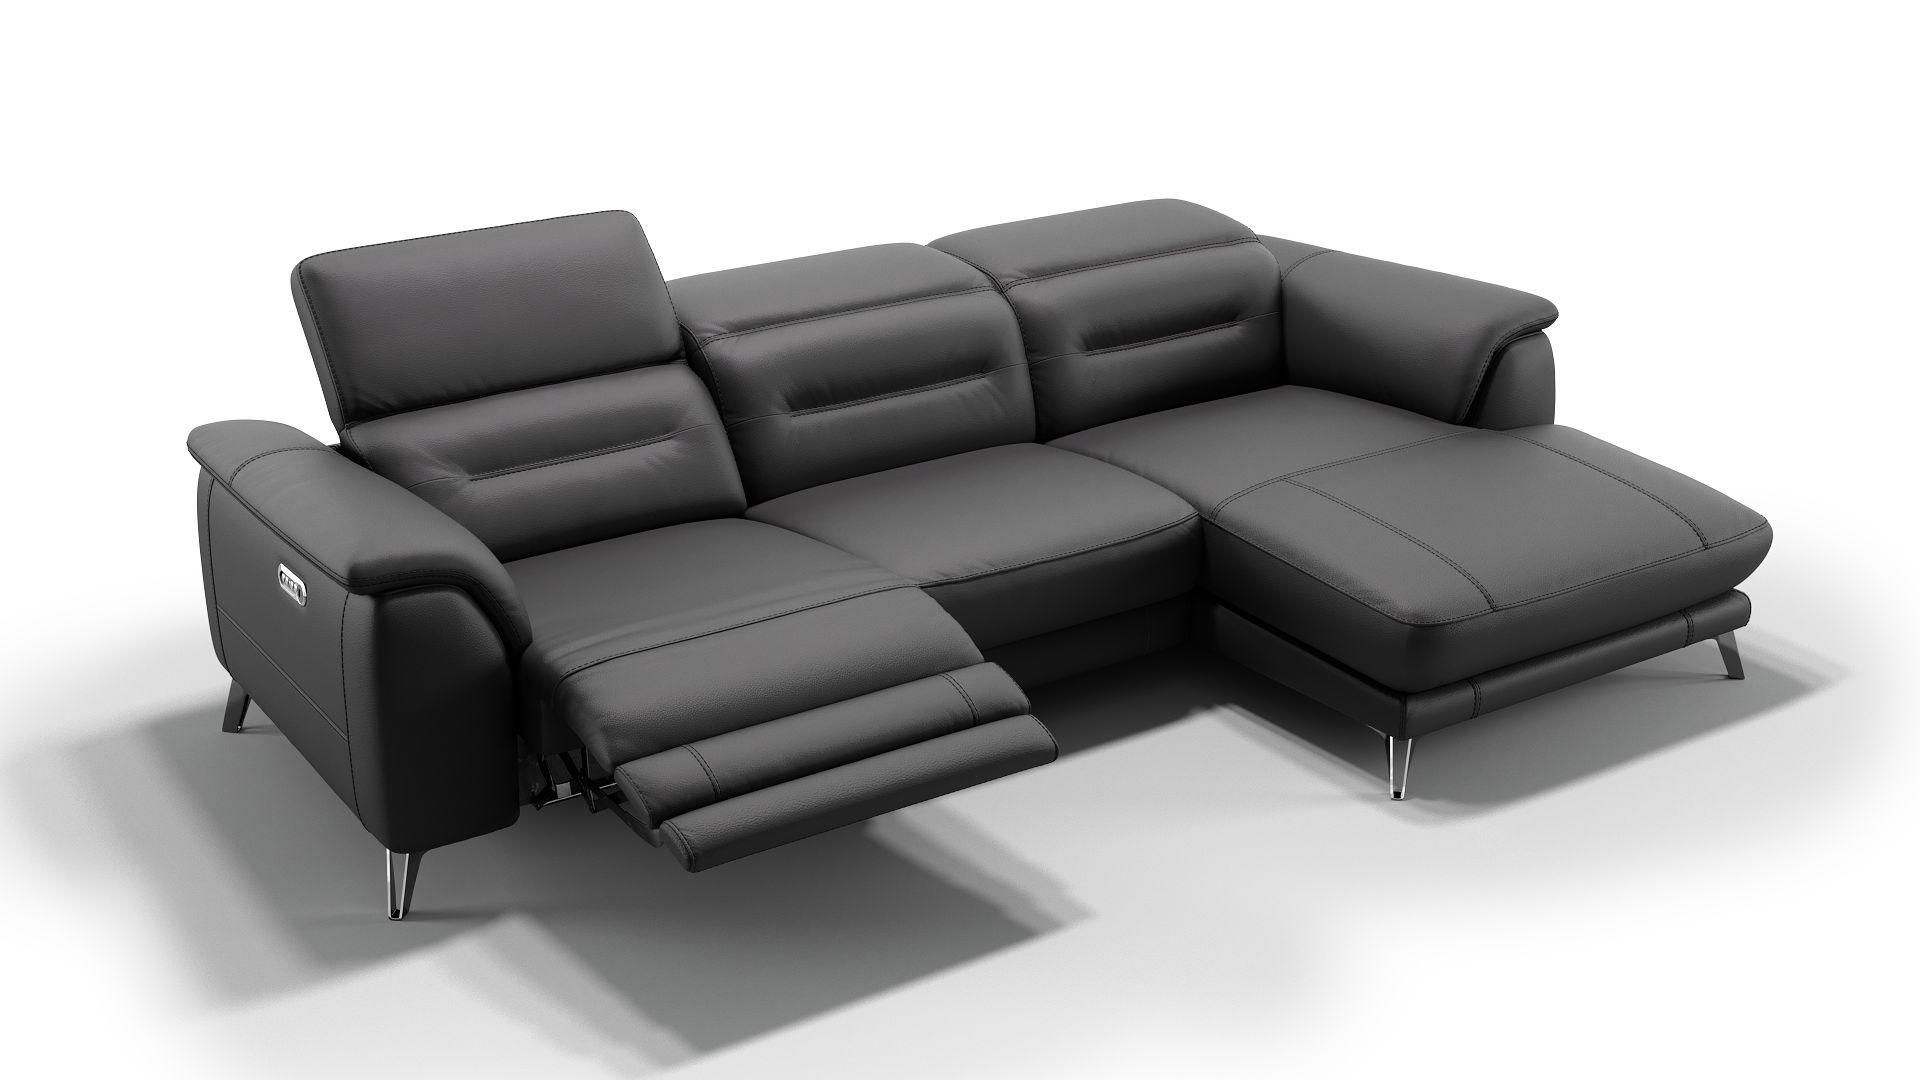 Full Size of Sofa Mit Relaxfunktion Polstergarnitur Gandino Ist Elektrisch Ausfahrbar Die Xxl Grau Holzfüßen Kleines Wohnzimmer Benz L Form Betten Bettkasten Xora Sofa Sofa Mit Relaxfunktion